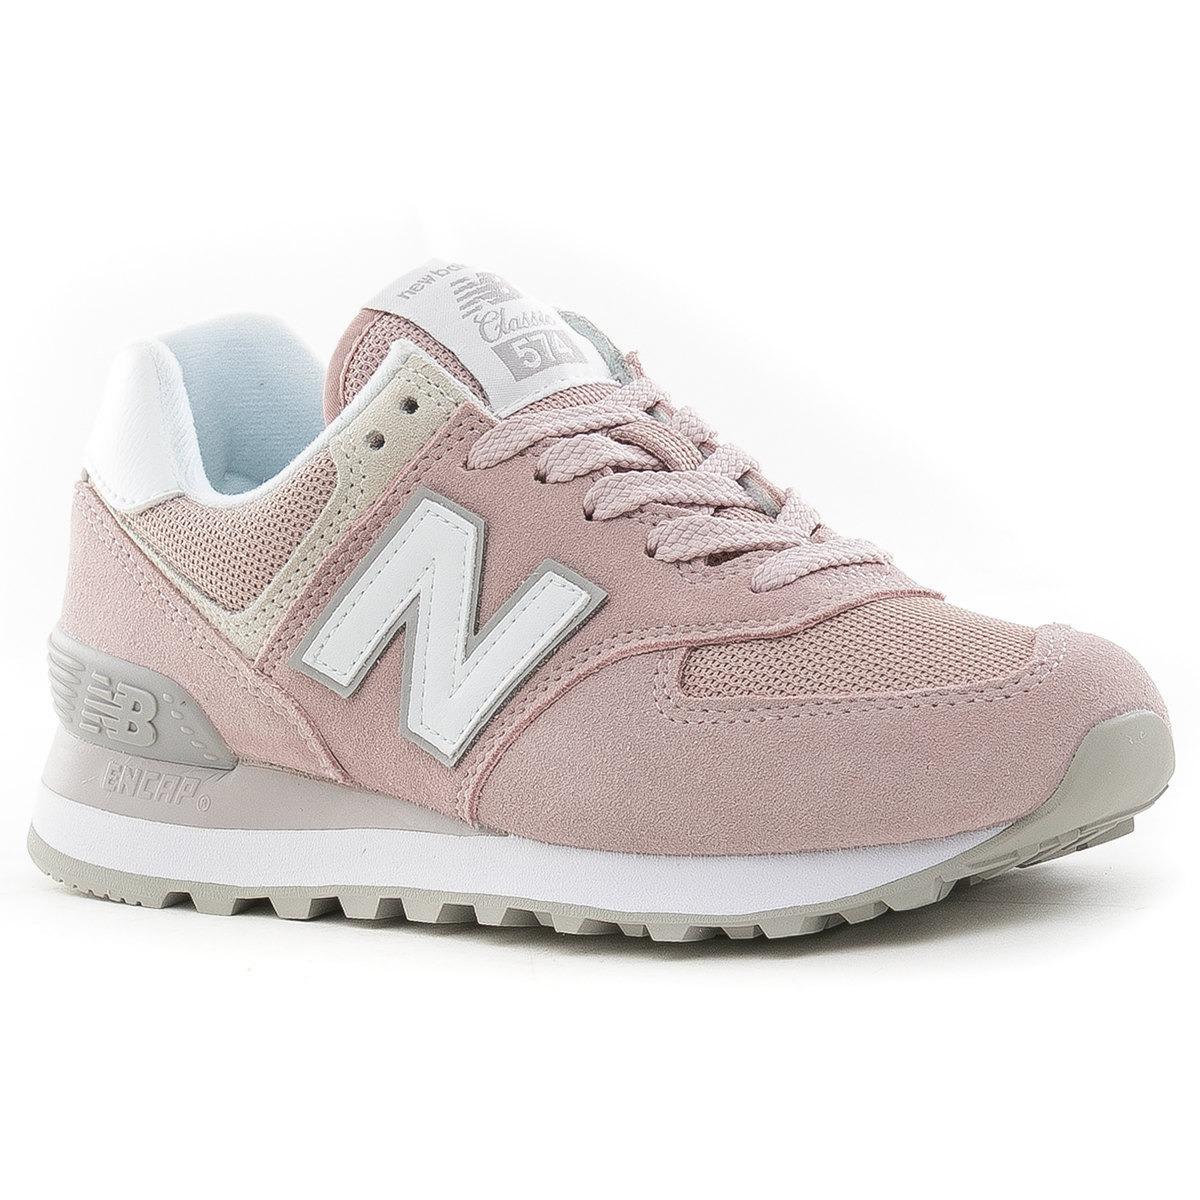 tiendas que vendan zapatillas new balance